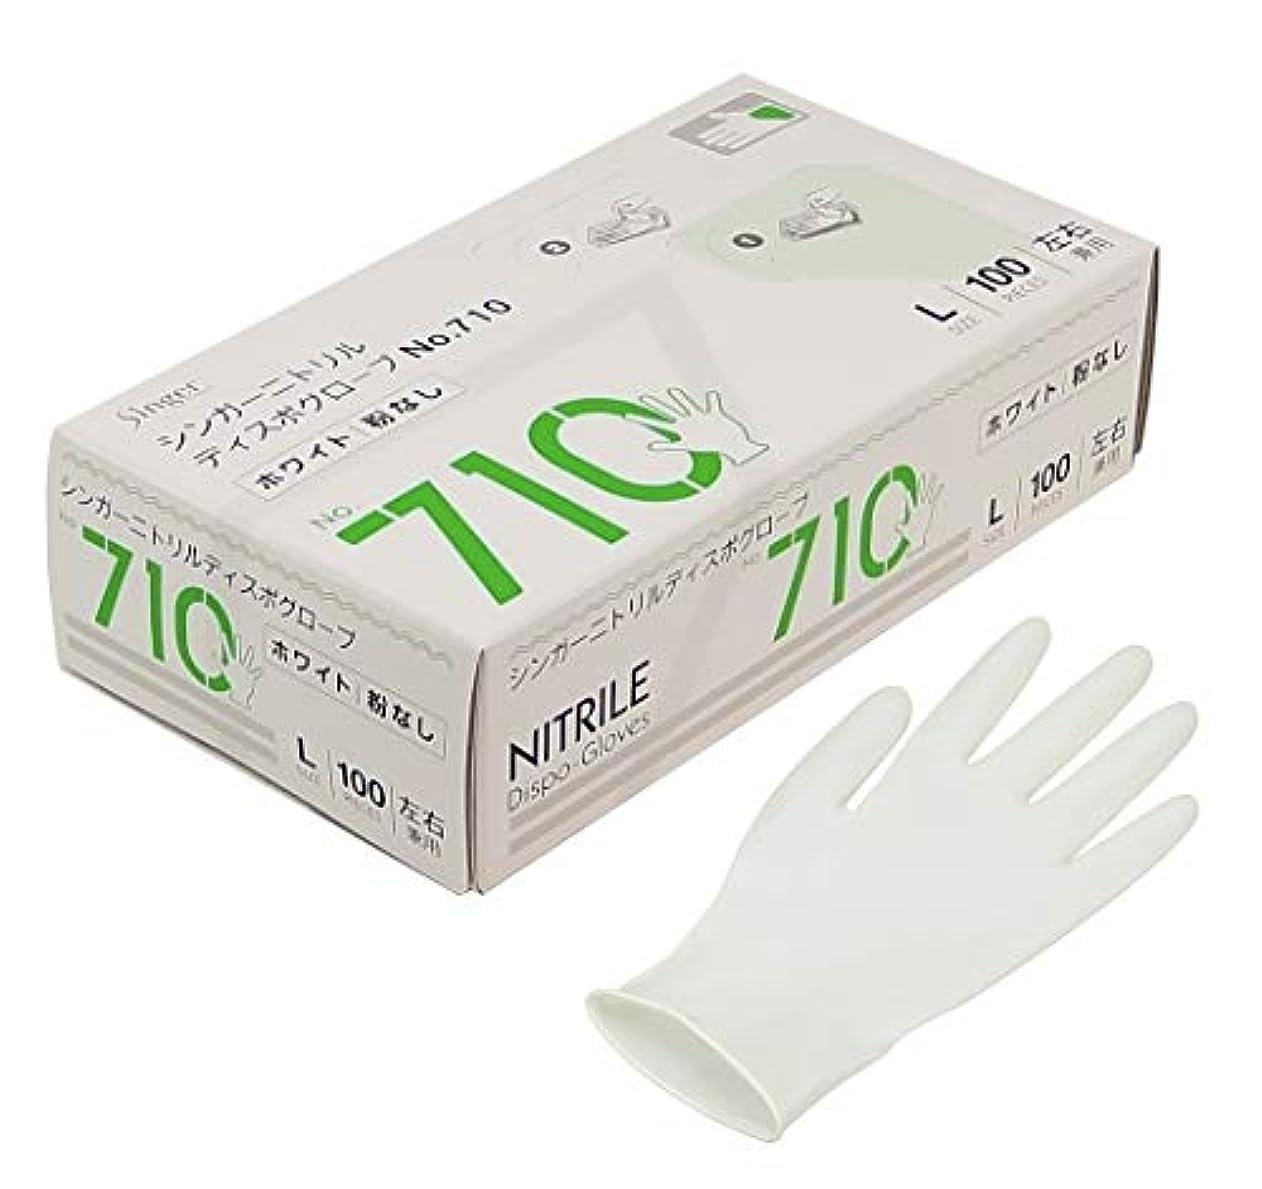 復活させる天皇酔ったシンガー ニトリルディスポグローブ(手袋) No.710 ホワイト パウダーフリー(100枚) L